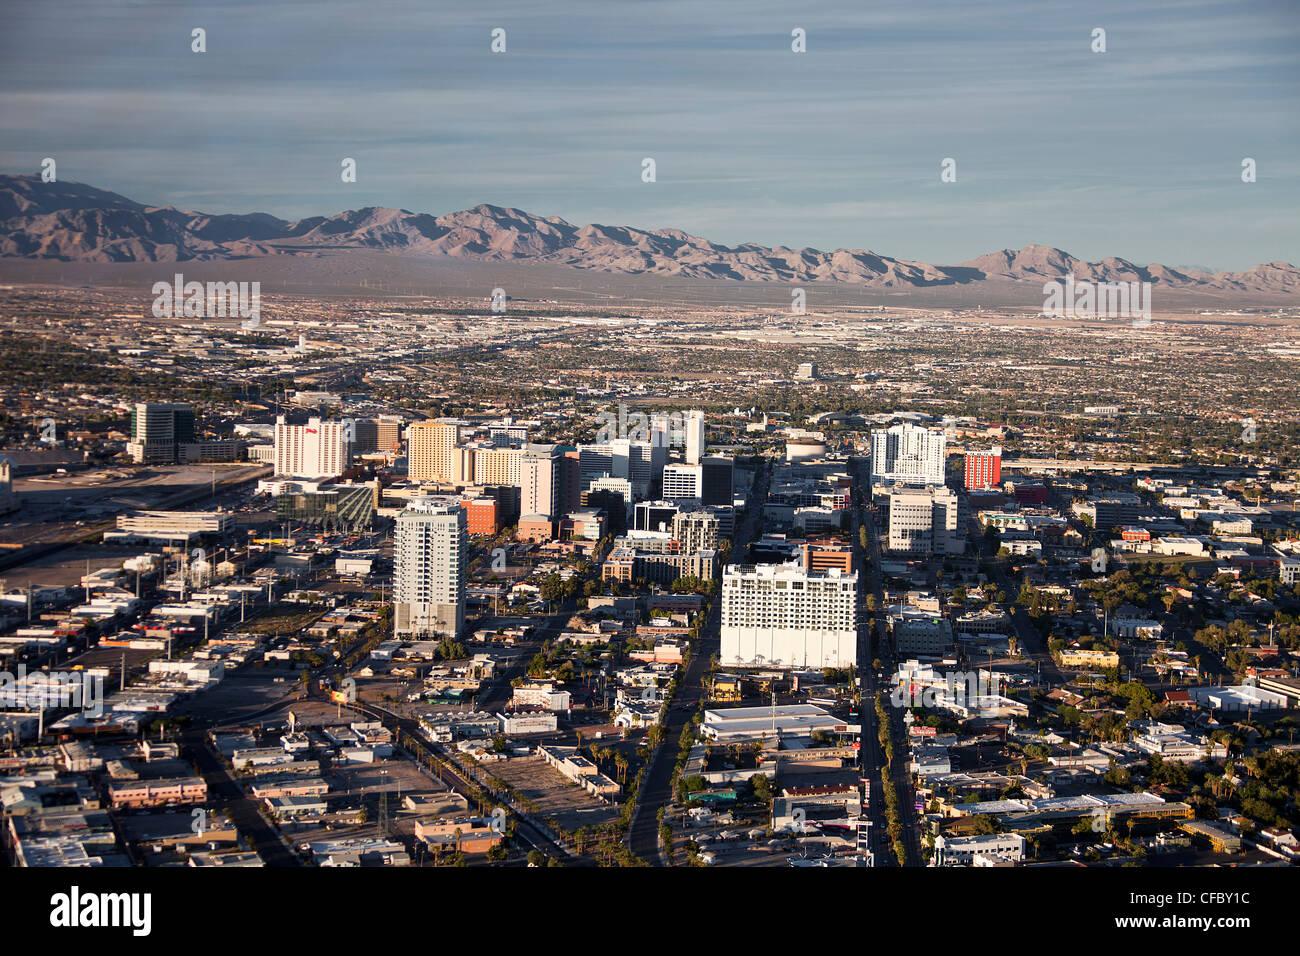 Ee.Uu., país, Estados Unidos, Nevada, Las Vegas, la ciudad, el centro, vista aérea, secas, planas, el Imagen De Stock